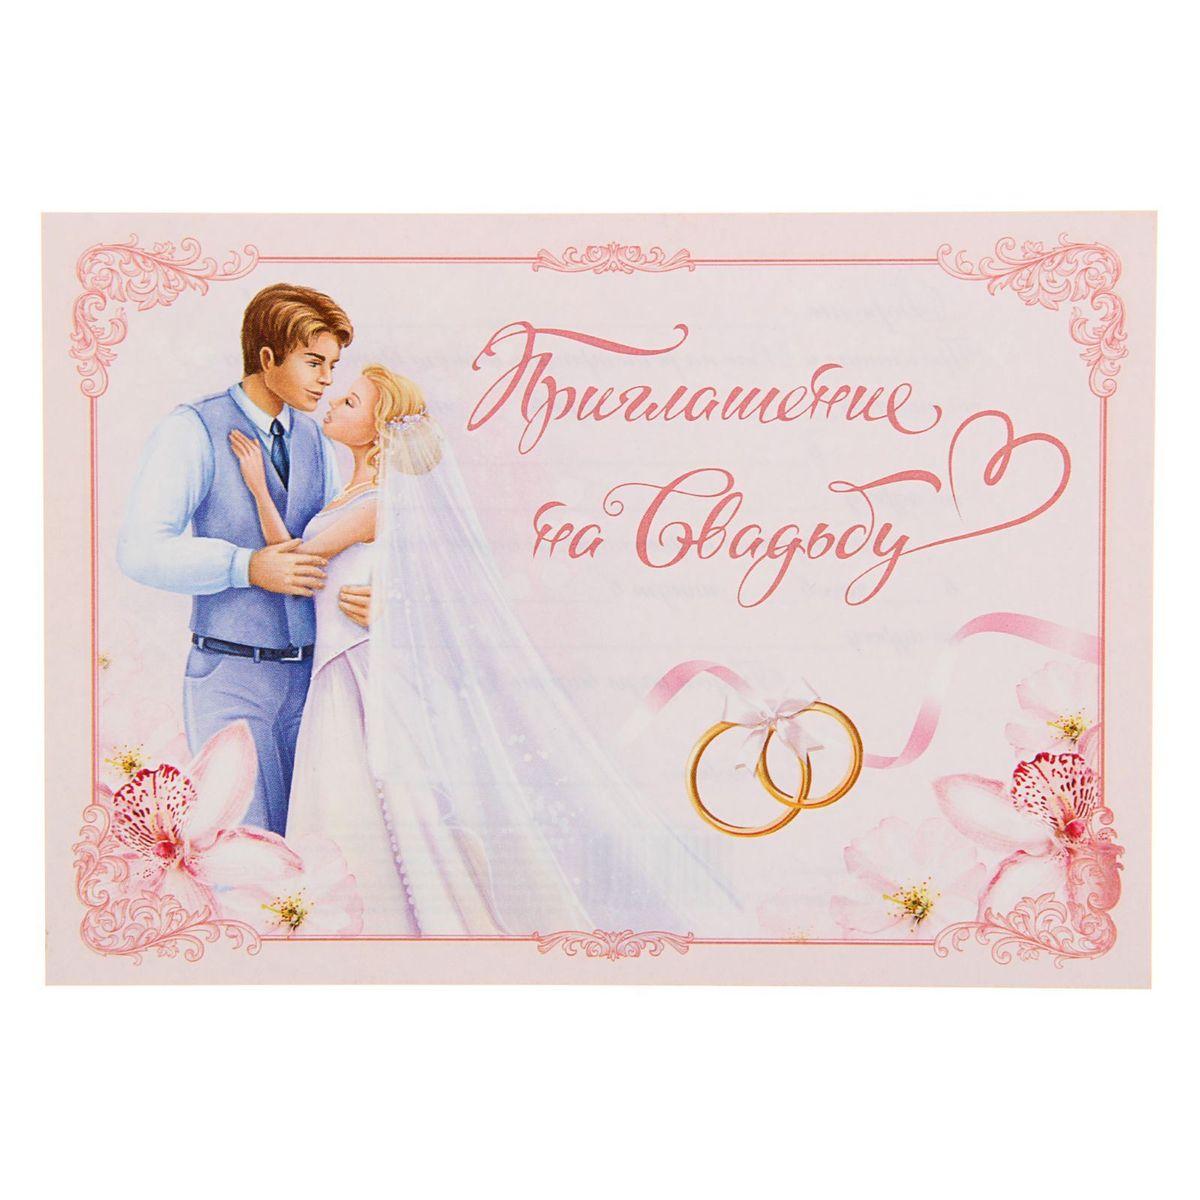 Приглашение на свадьбу Sima-land Молодожены, 10,5 х 15 смNLED-454-9W-BKКогда дата и время бракосочетания уже известны, и вы определились со списком гостей, необходимо оповестить их о предстоящем празднике. Существует традиция делать персональные приглашения с указанием времени и даты мероприятия. Но перед свадьбой столько всего надо успеть, что на изготовление десятков открыток просто не остается времени. В этом случае вам придет на помощь приглашение на свадьбу Sima-land Молодожены.На обратной стороне приглашения расположен текст со свободными полями для имени адресата, времени, даты и адреса проведения мероприятия. Вам остается только заполнить необходимые строки и раздать приглашения гостям. Устройте себе незабываемую свадьбу!